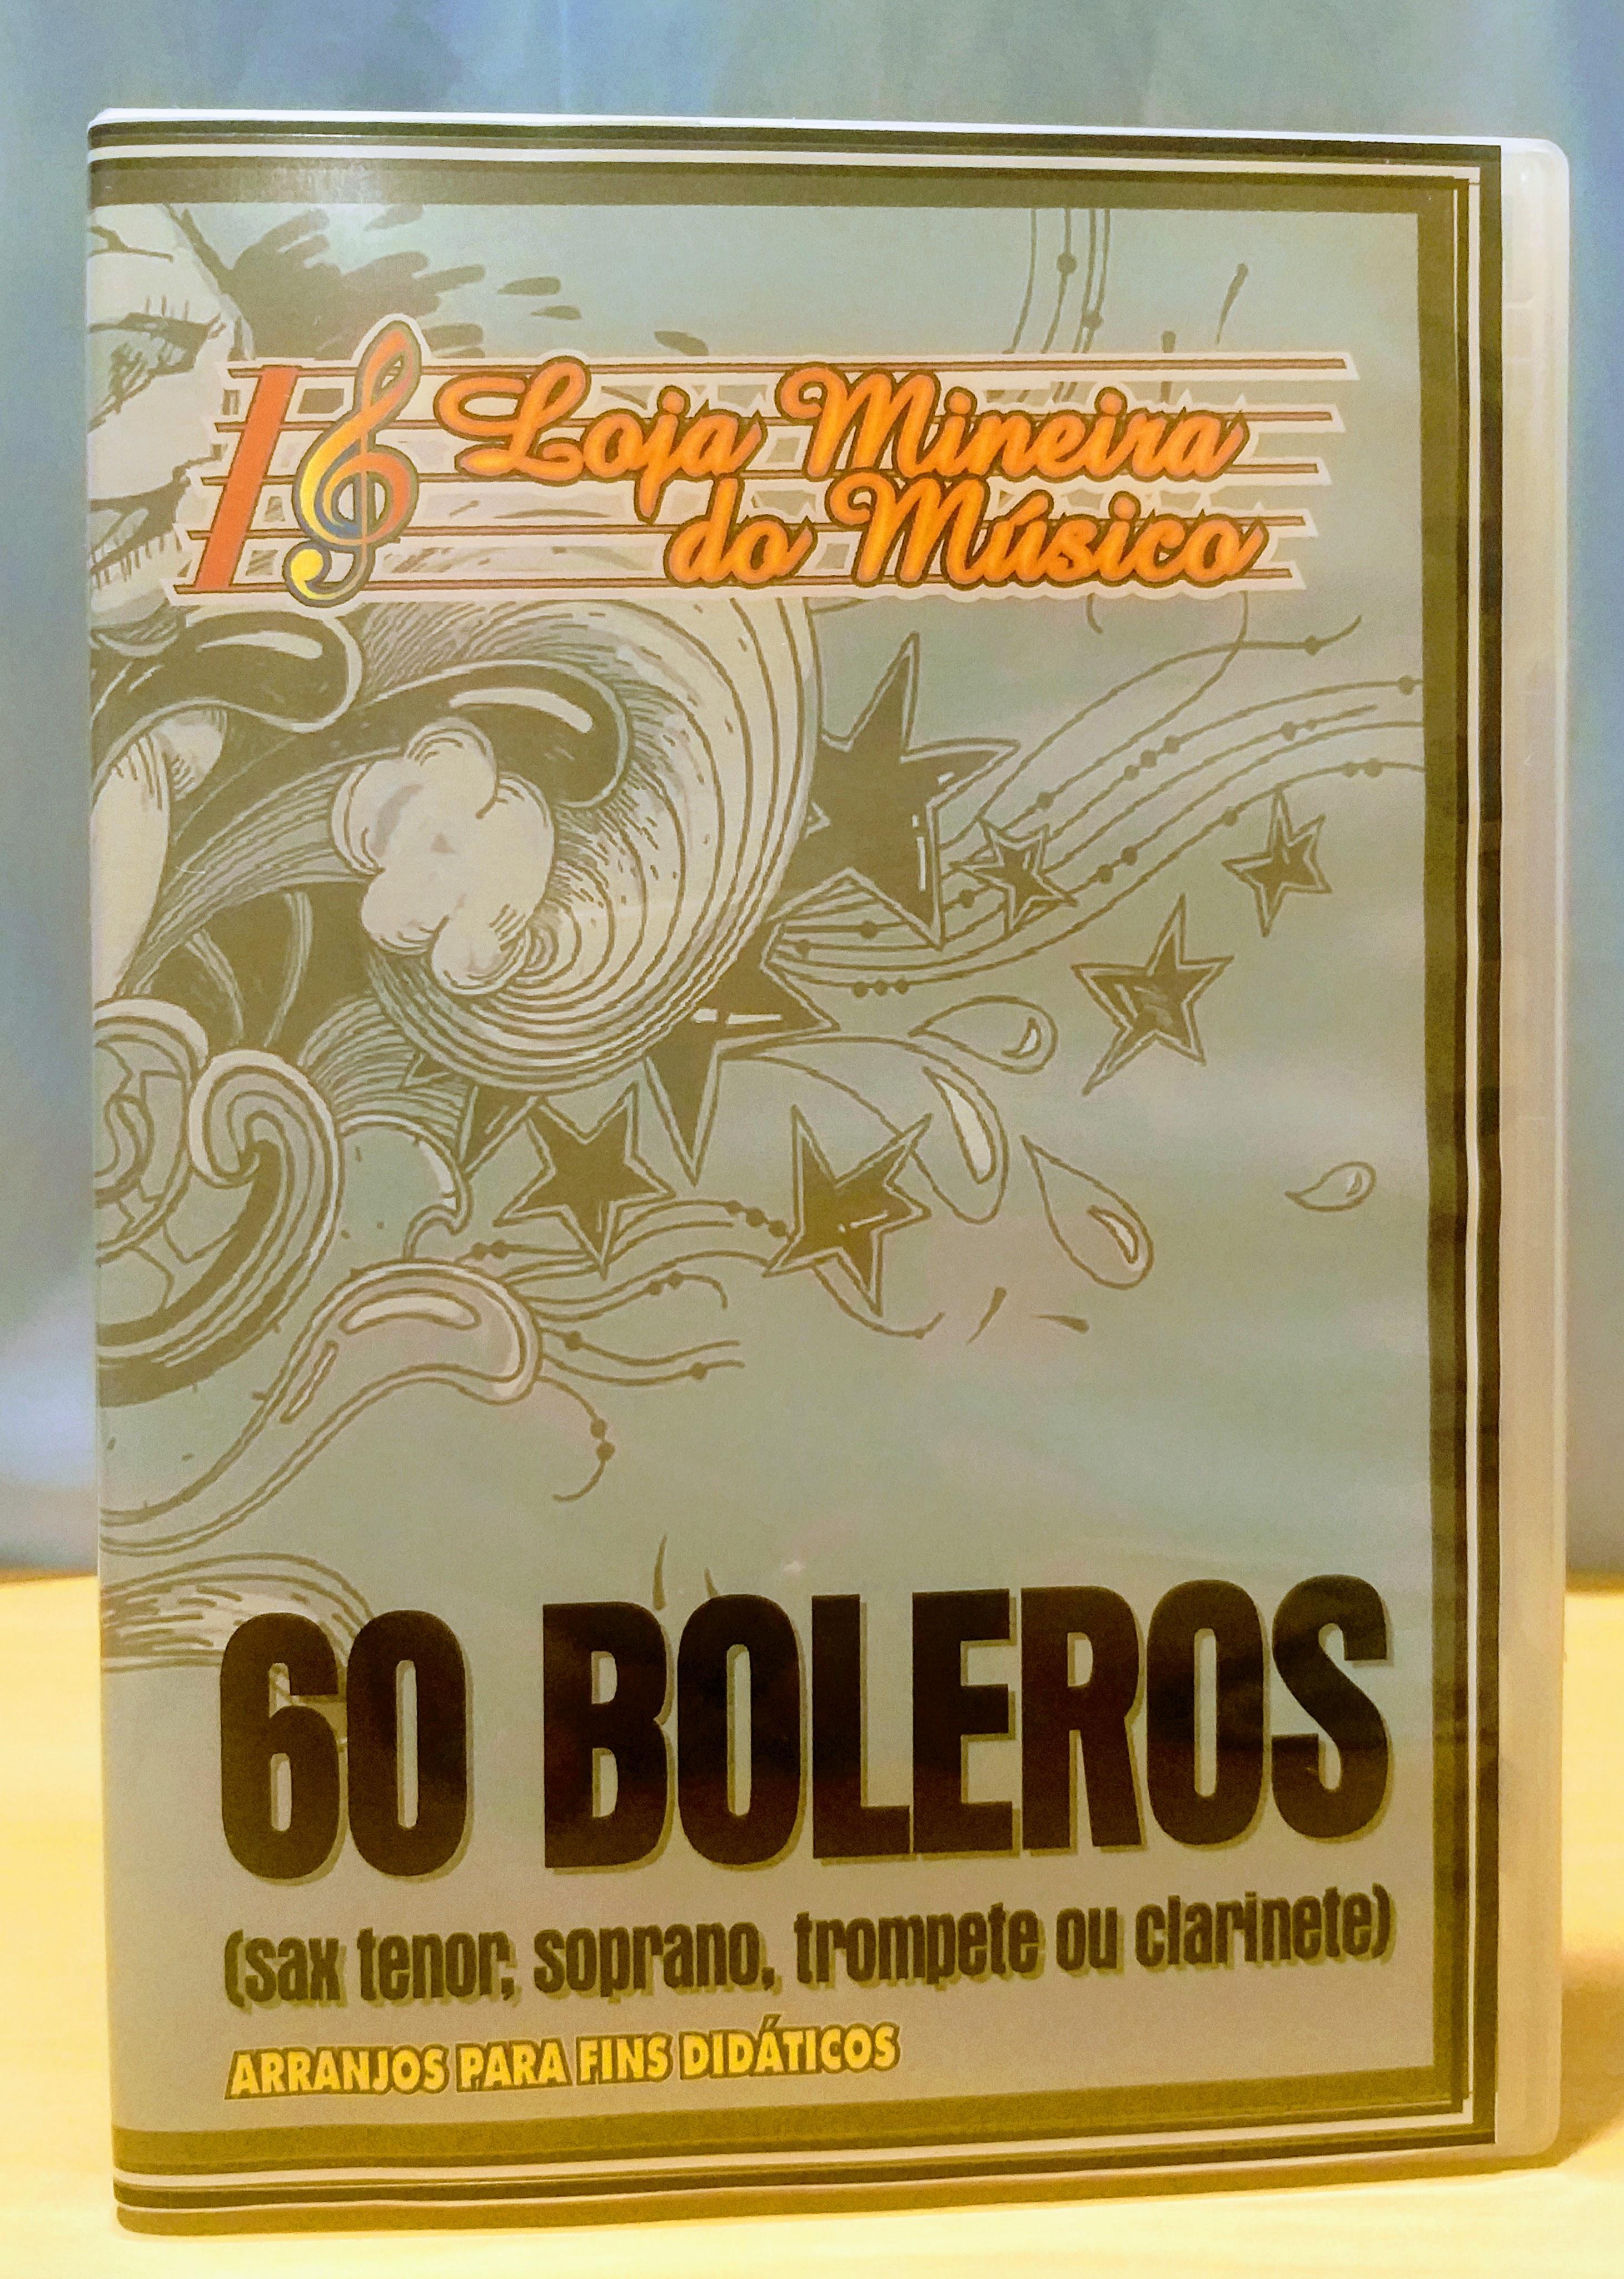 SAX SOPRANO Partituras de Boleros e Playbacks de 60 Boleros Sax Bb | Especial Partituras de Boleros para Sax Tenor em PDF com Áudios Acompanhamentos em MP3 | Boleros Sambinhas Marcha Fox Guarânea Balada